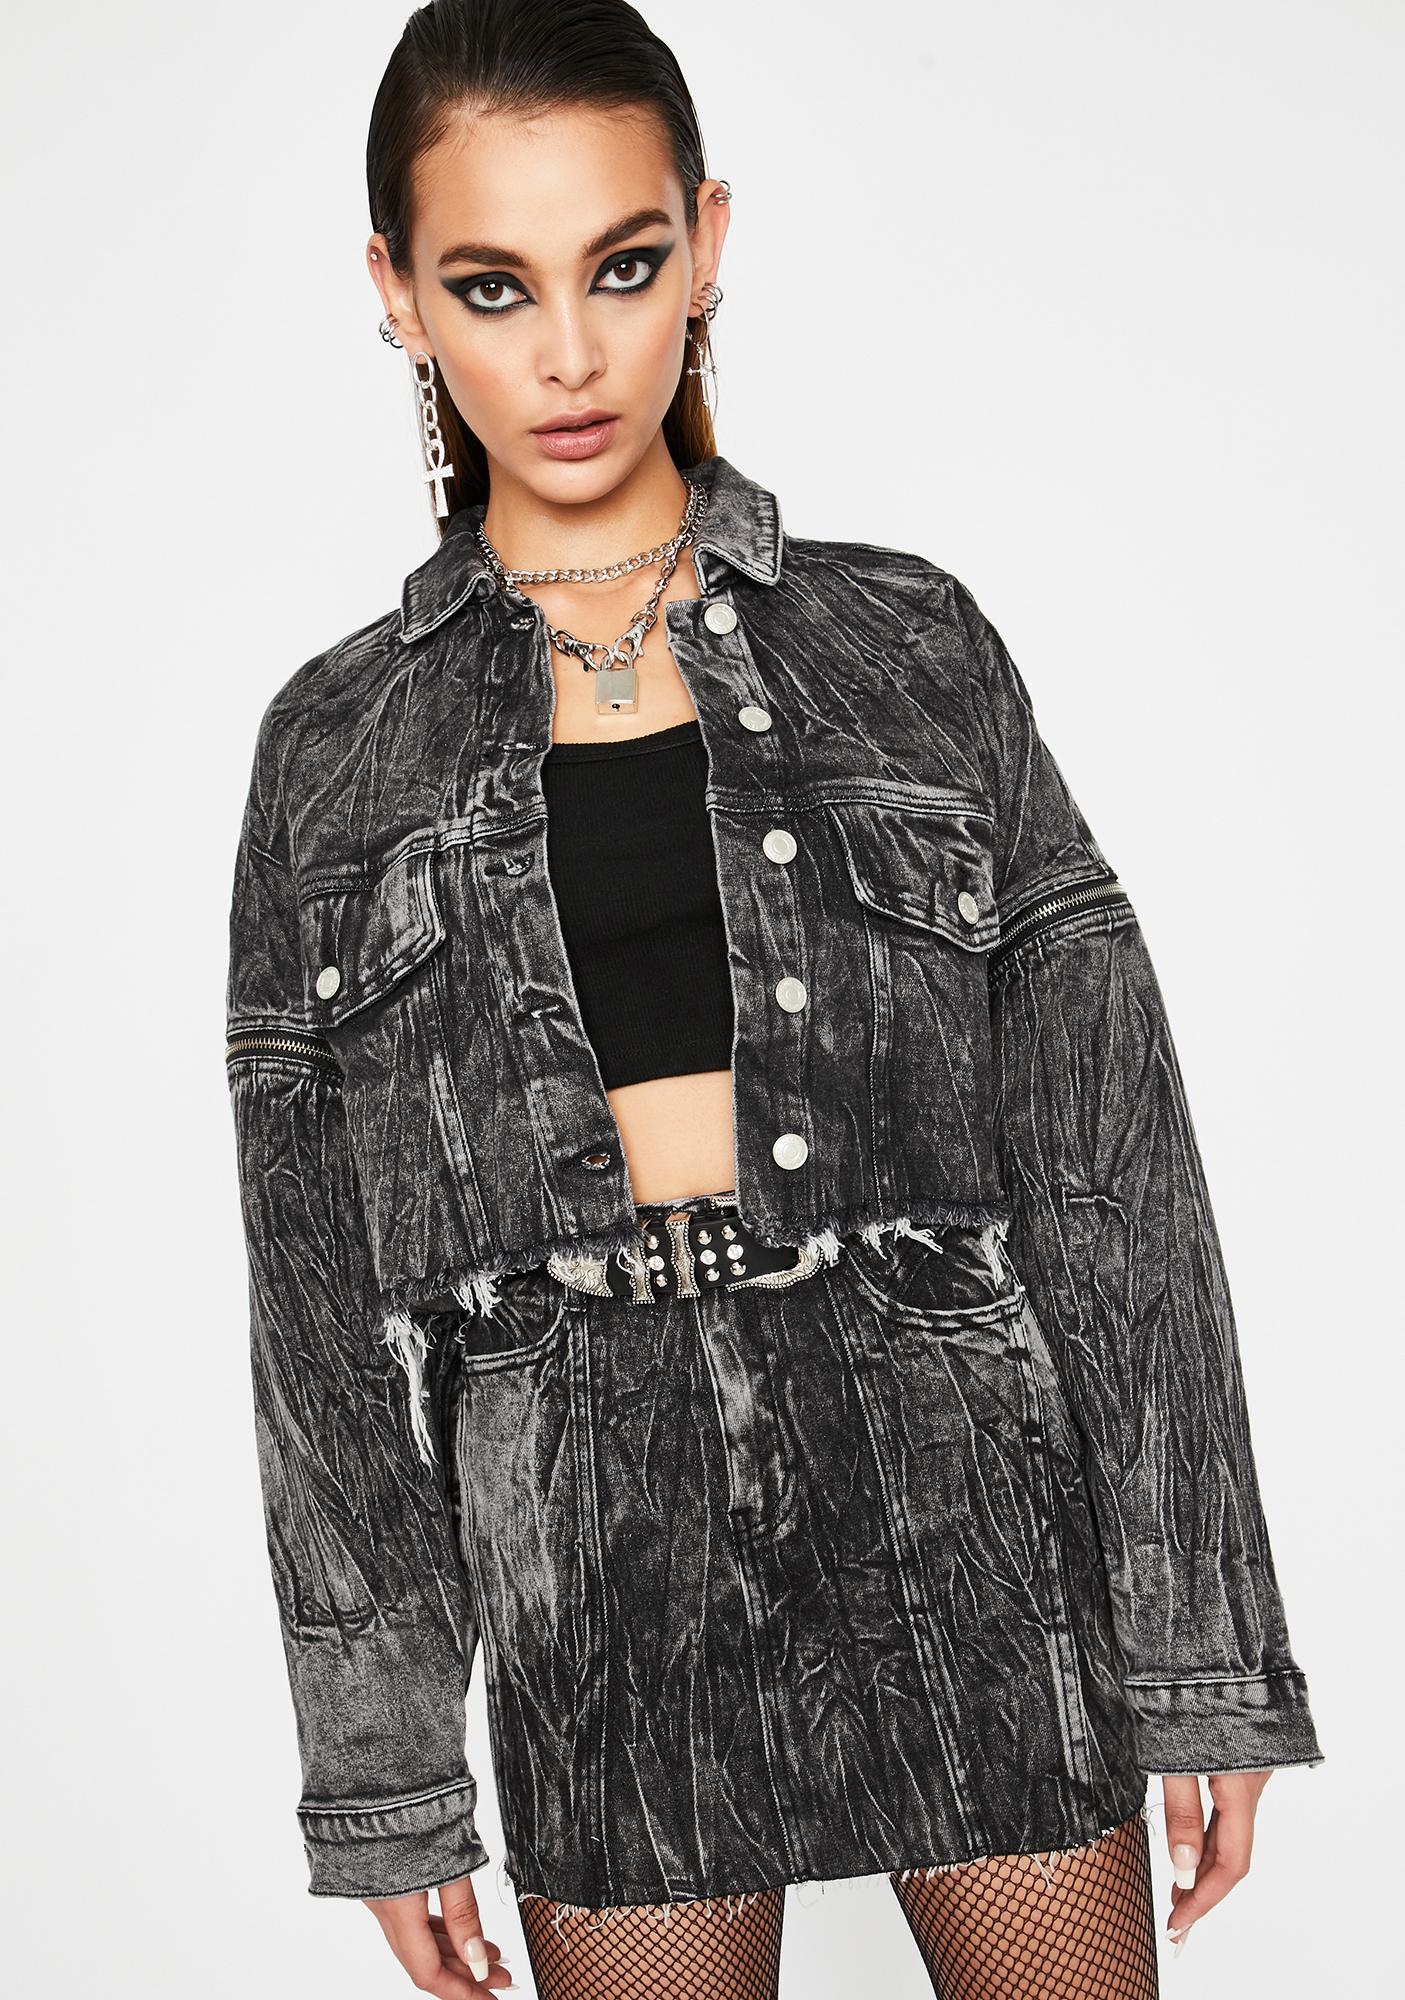 Dark Matter Convertible Jacket